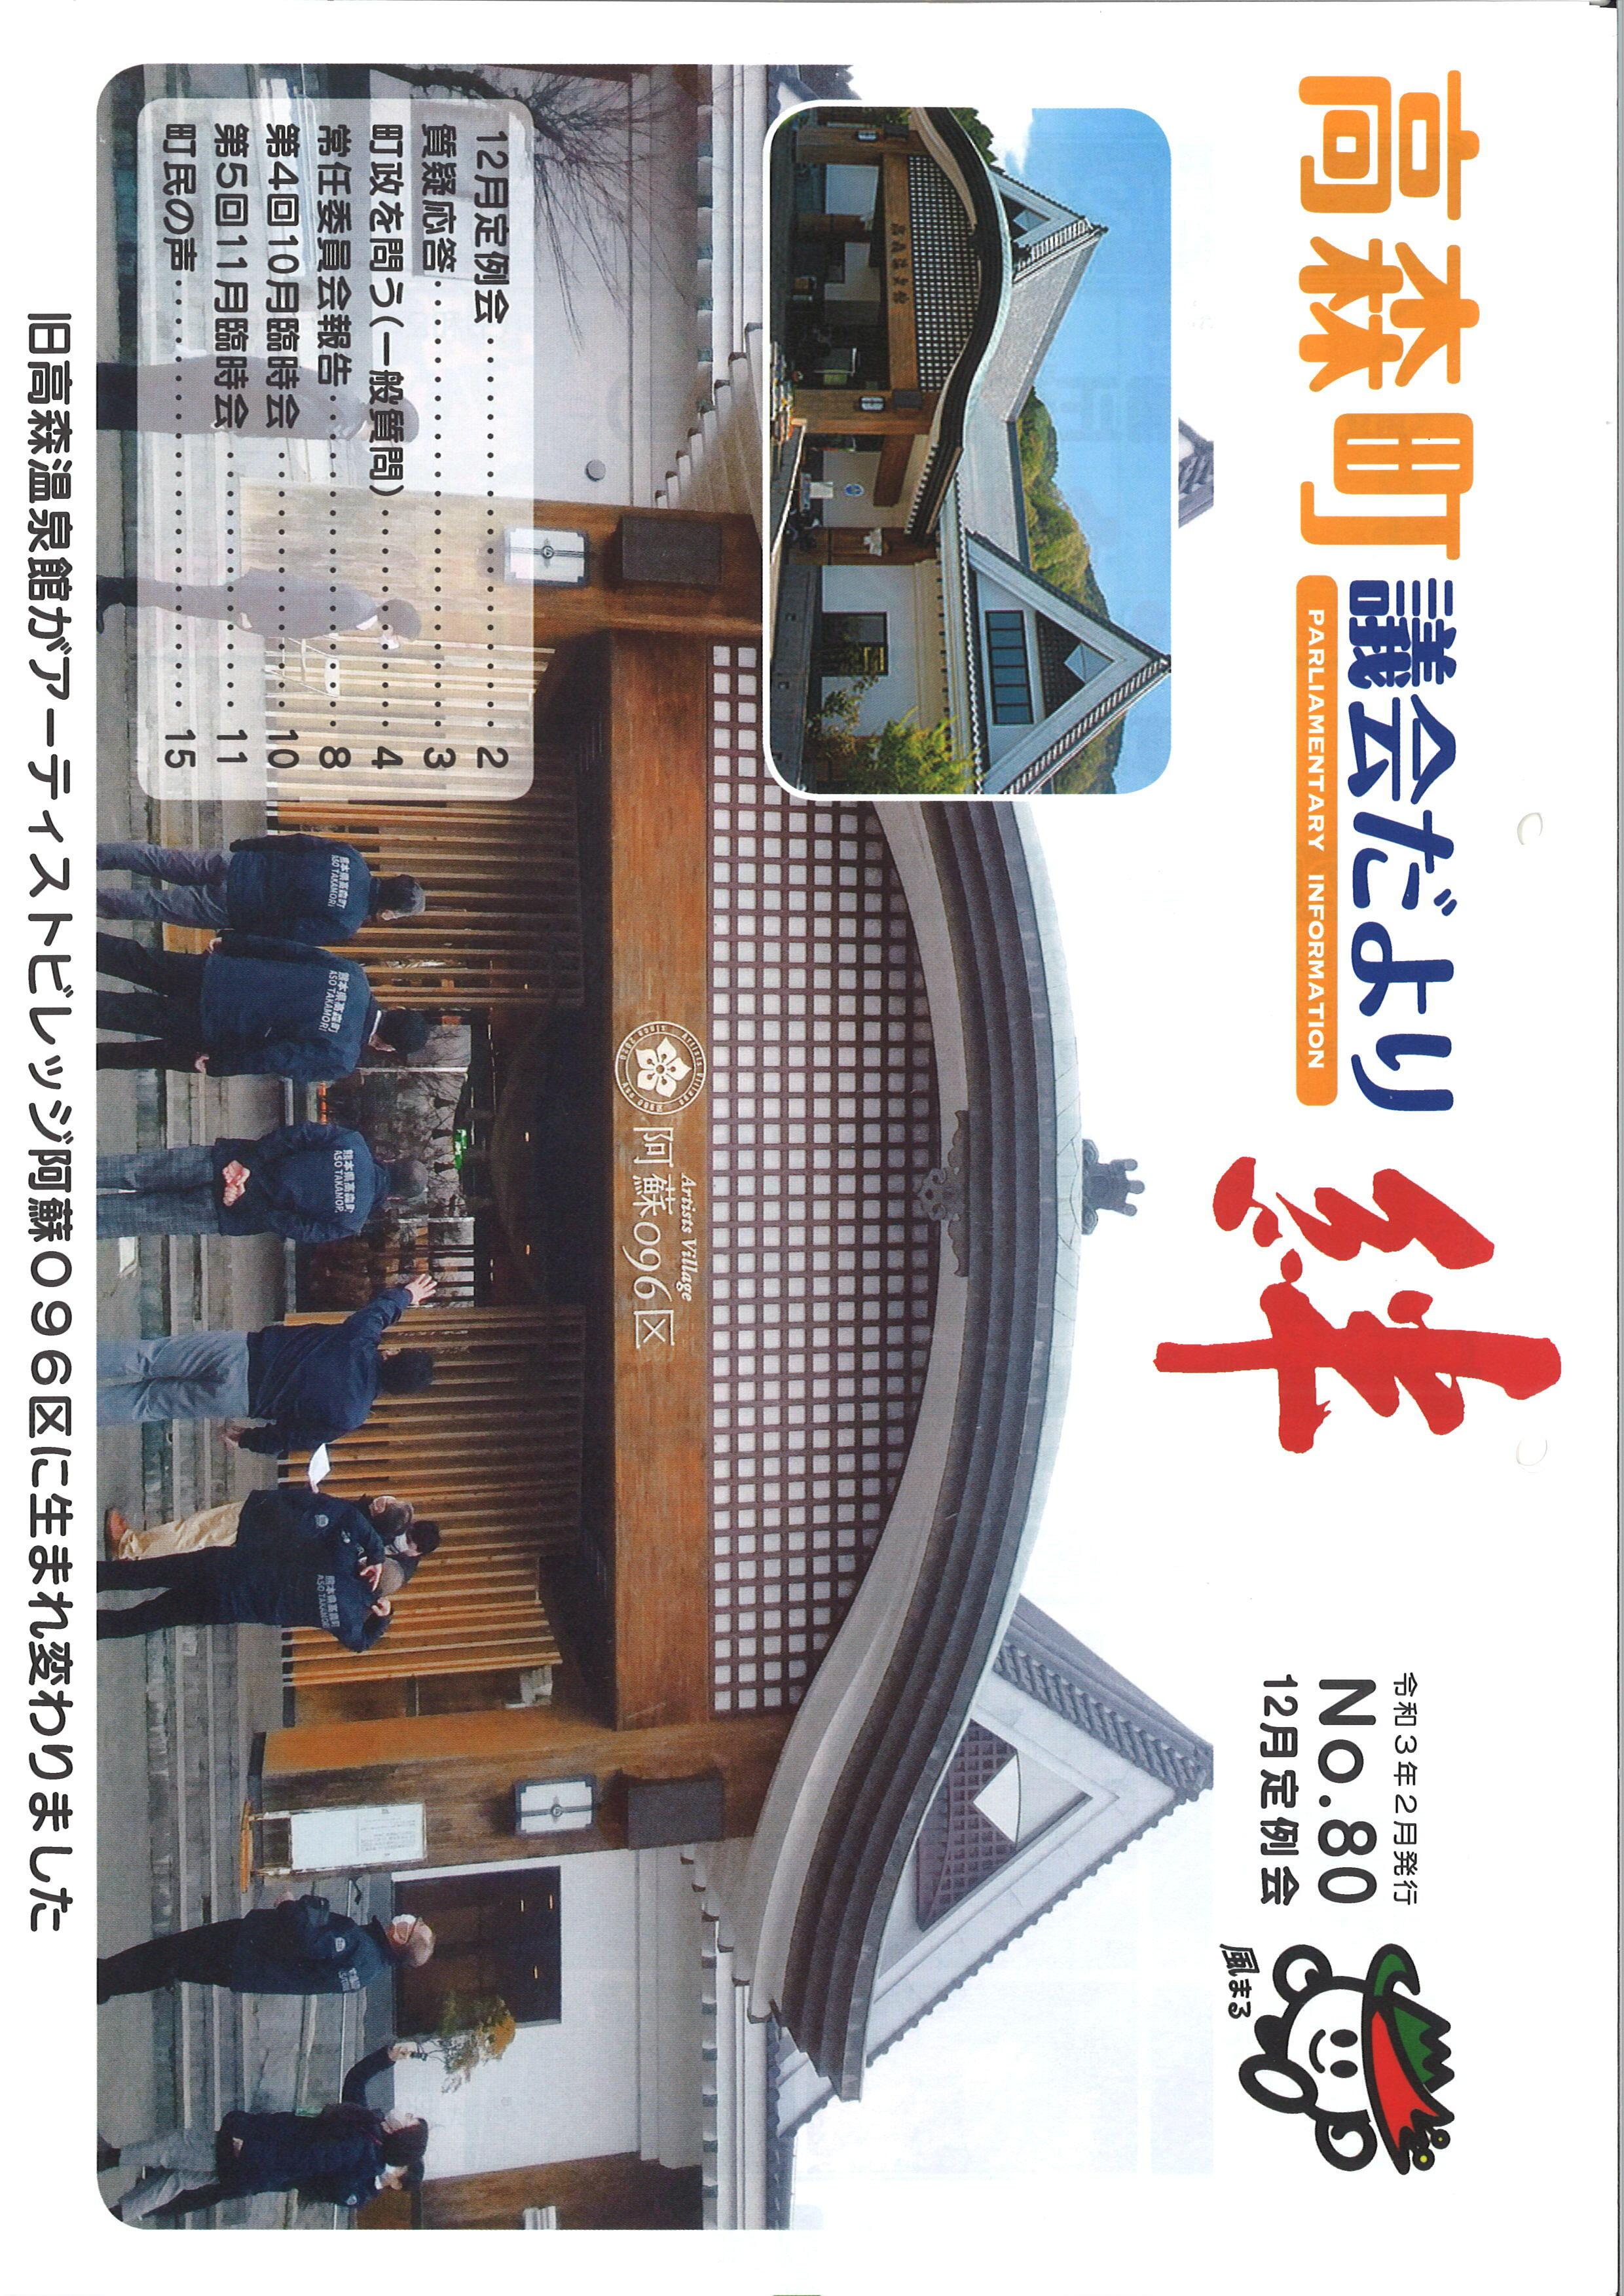 http://www.town.takamori.kumamoto.jp/chosha/somu/upload/827a4f1d59469b68f6cff7b0cb3ef6dbfece36fc.jpg